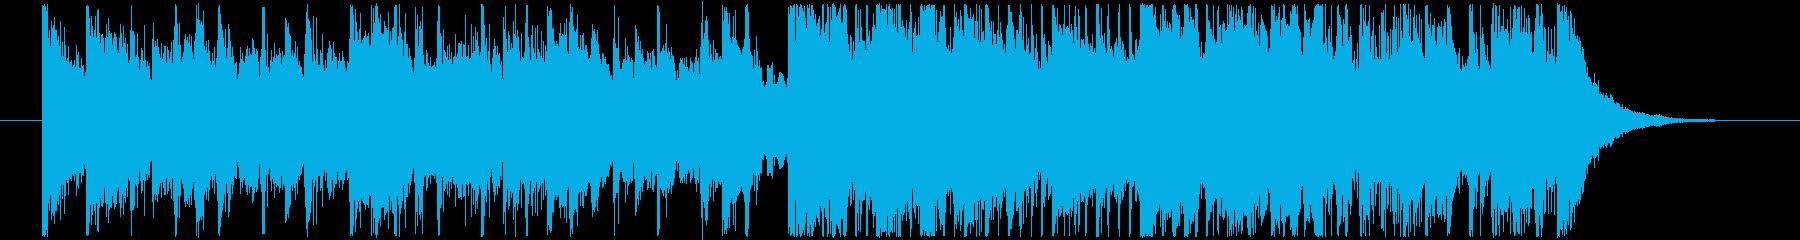 始まりを告げる派手めのジングルの再生済みの波形